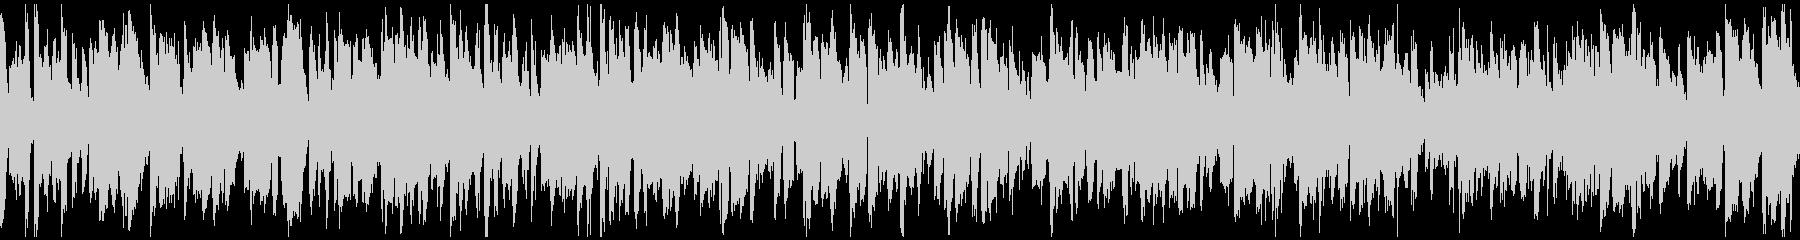 明るいカジノ系ジャズ ※ループ仕様版の未再生の波形